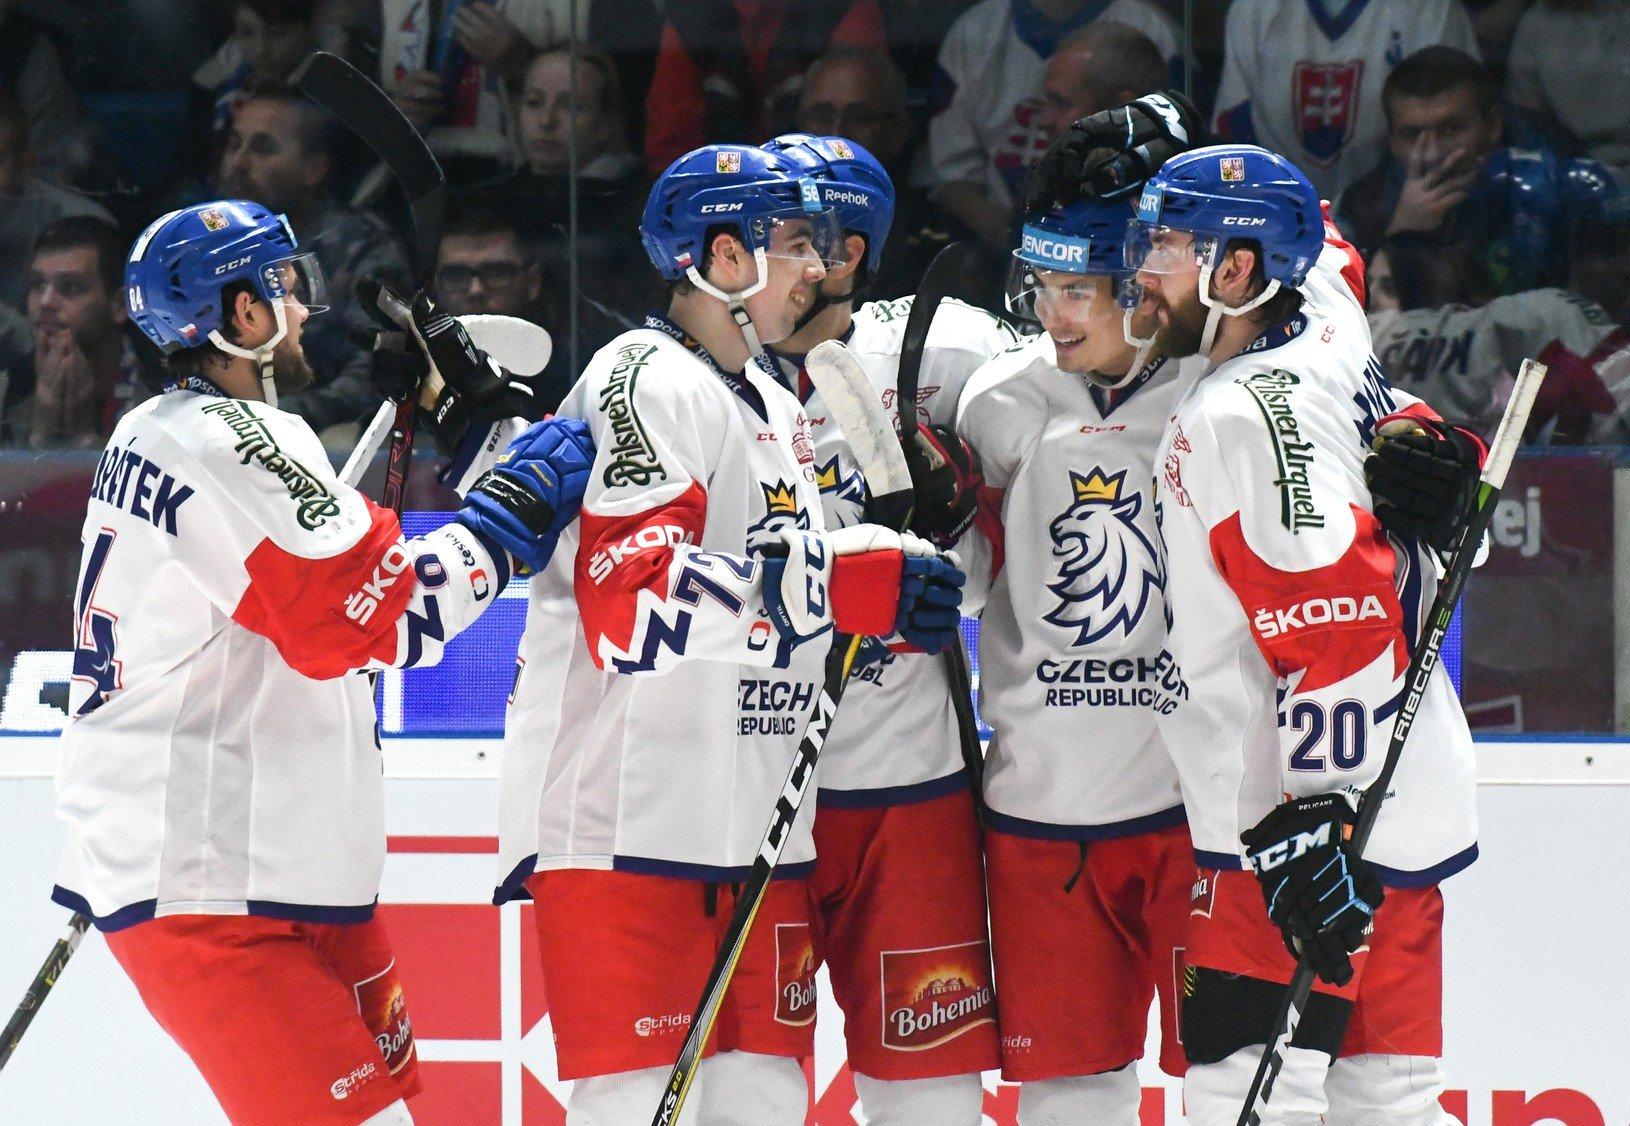 Radosť hráčov Českej republiky